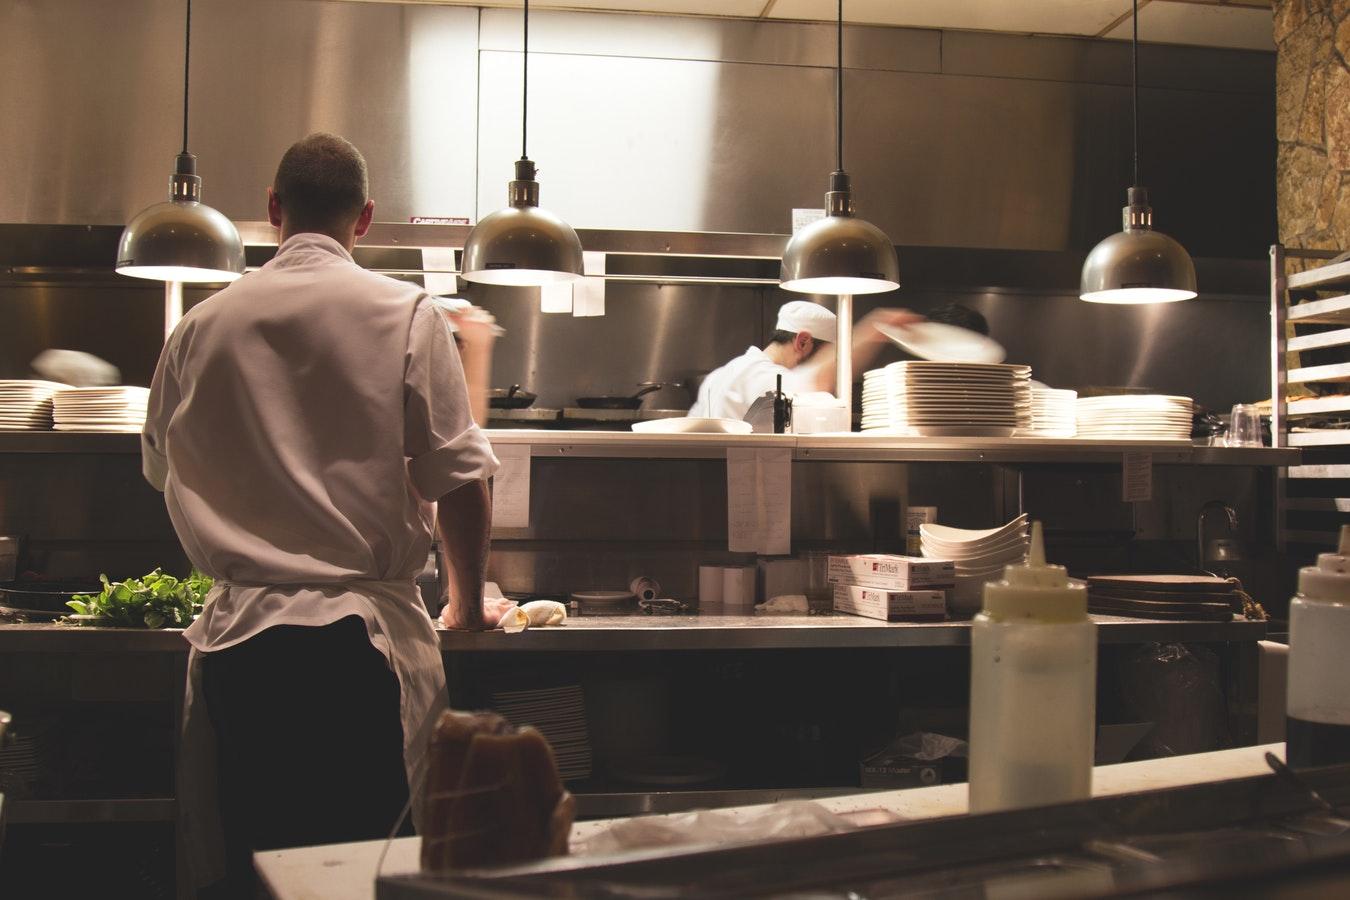 Chef in kitchen.jpeg